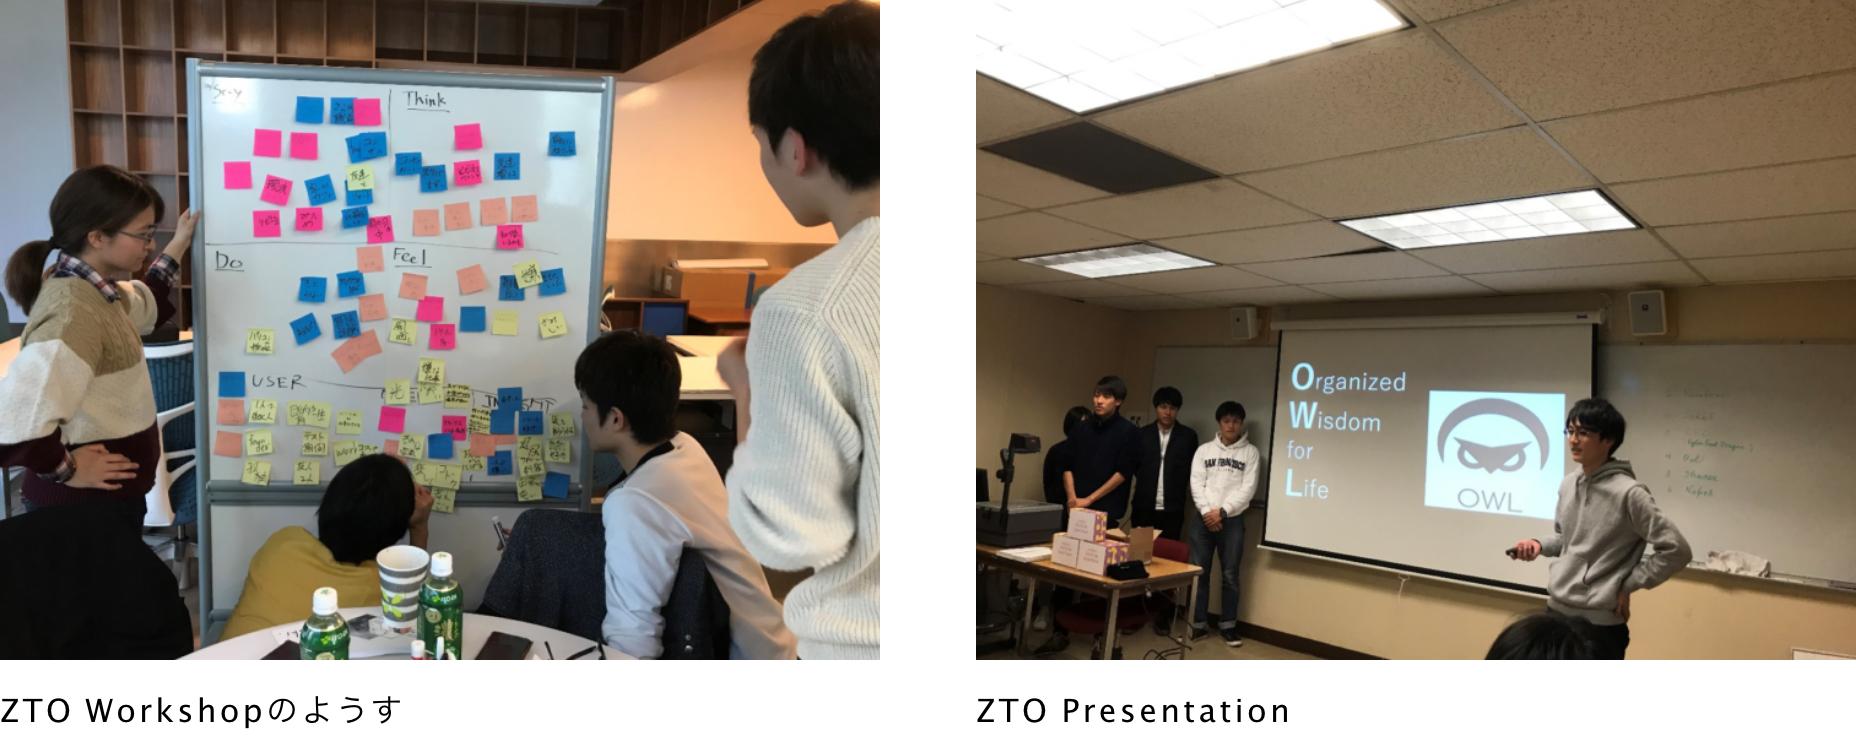 ZTO workshop